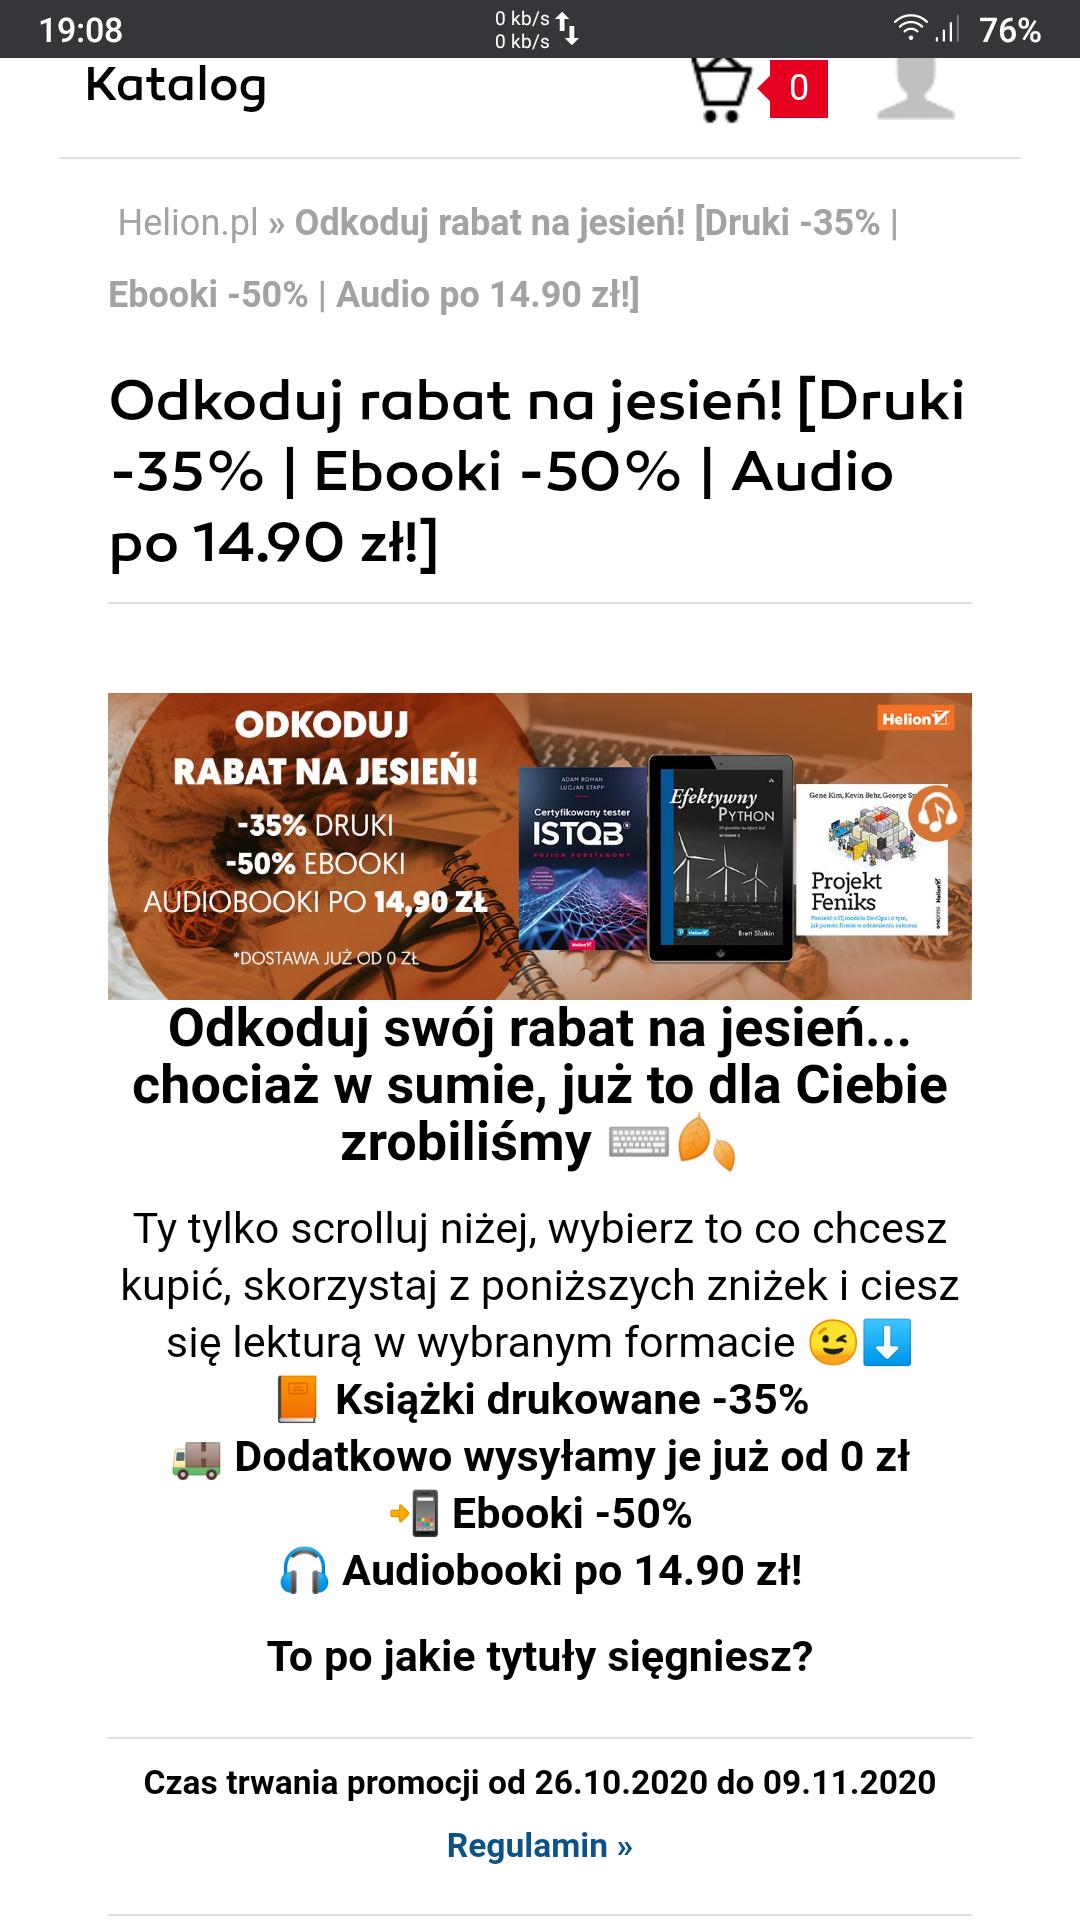 [Helion] Druki -35% | Ebooki -50% | Audio po 14.90 zł!